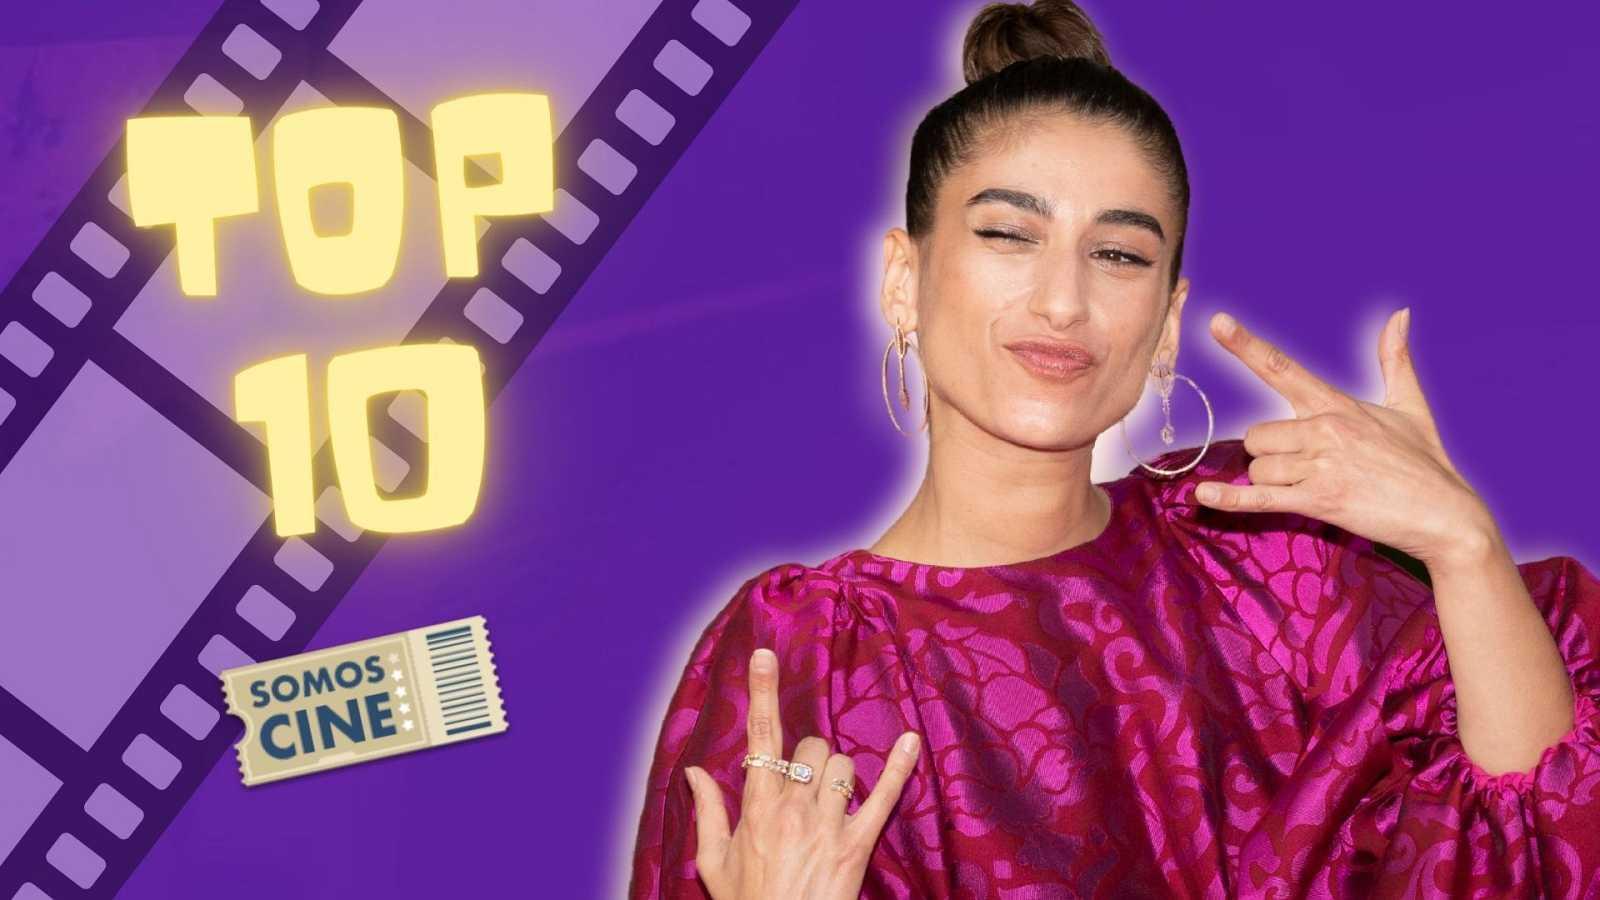 ¡Top 10 de Carolina Yuste en Somos Cine!